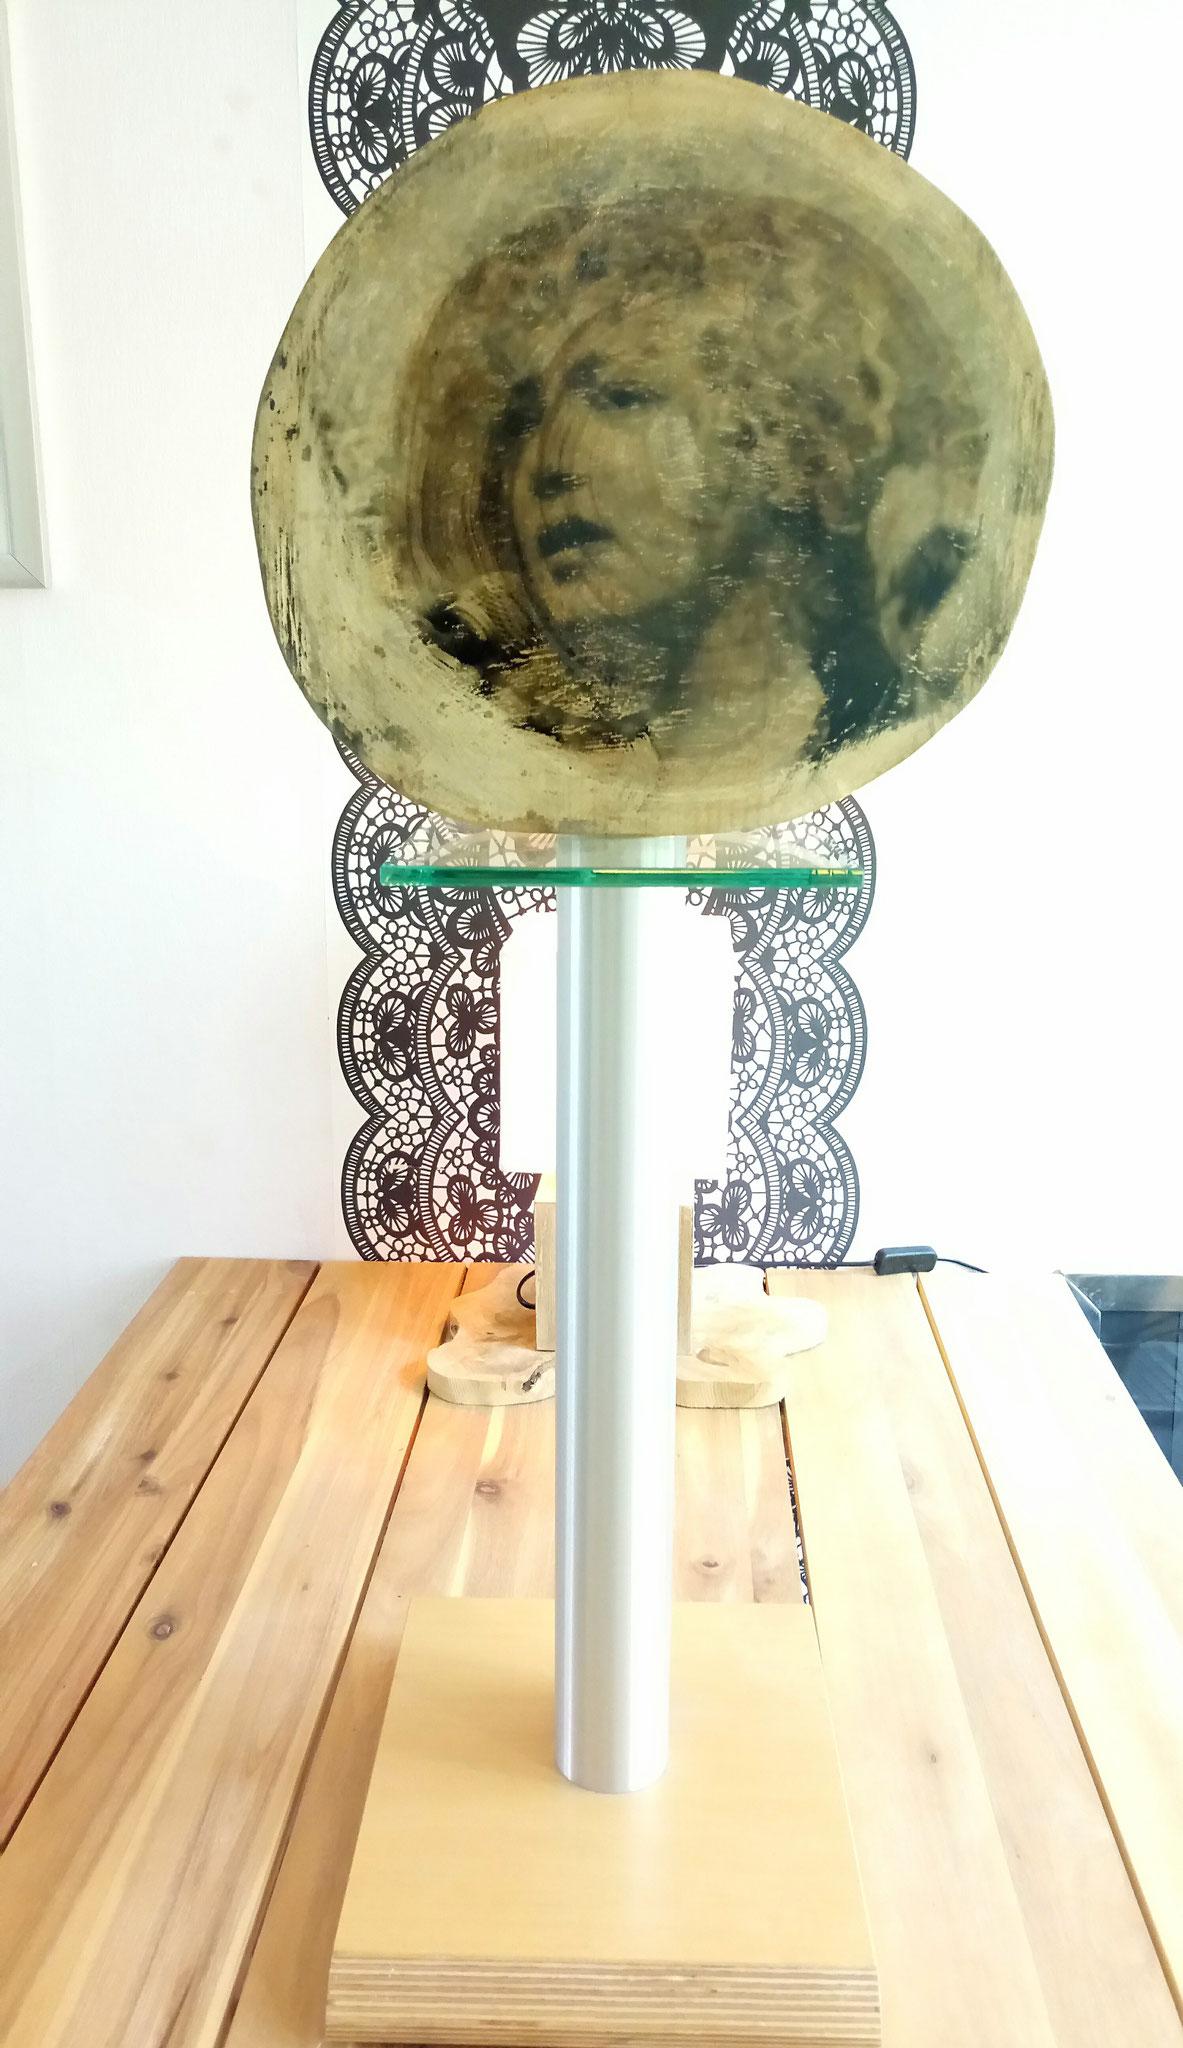 Fototransfer op houtschijf met alluminium voet